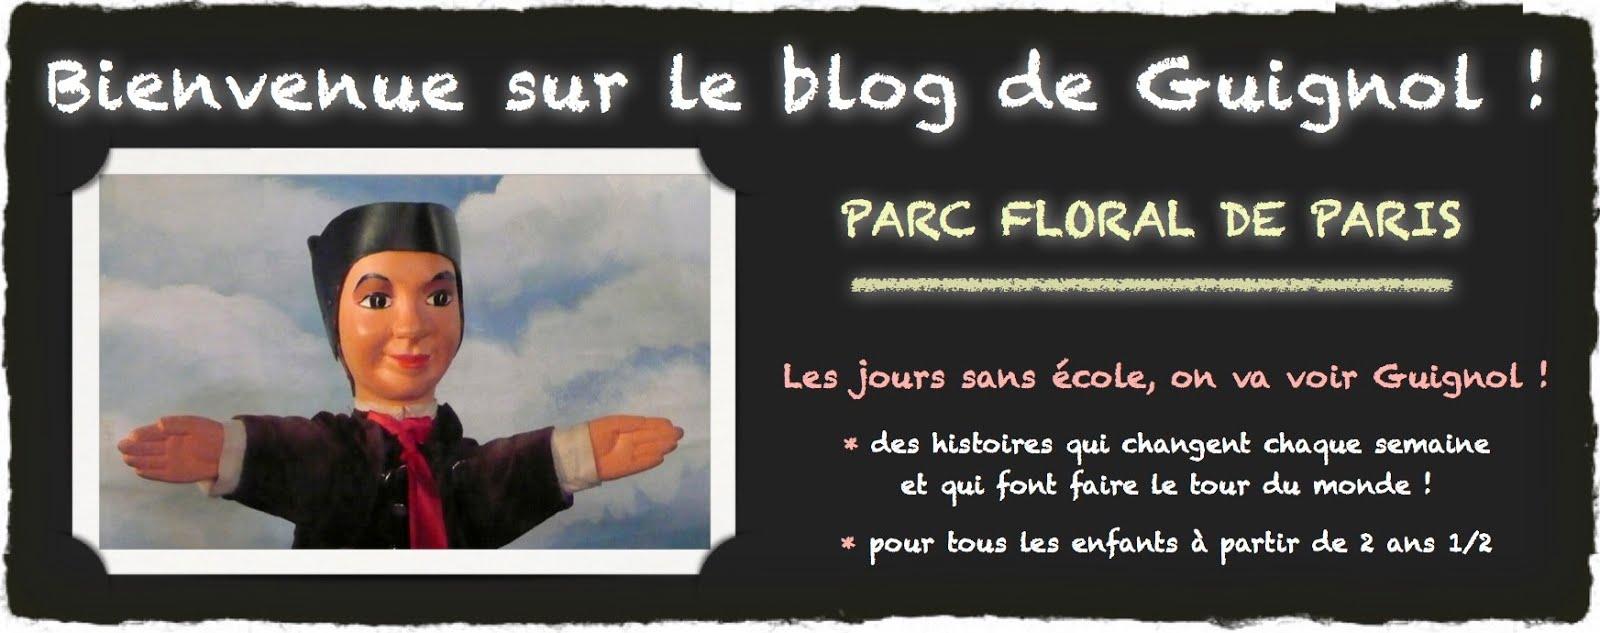 Guignol du Parc Floral de Paris